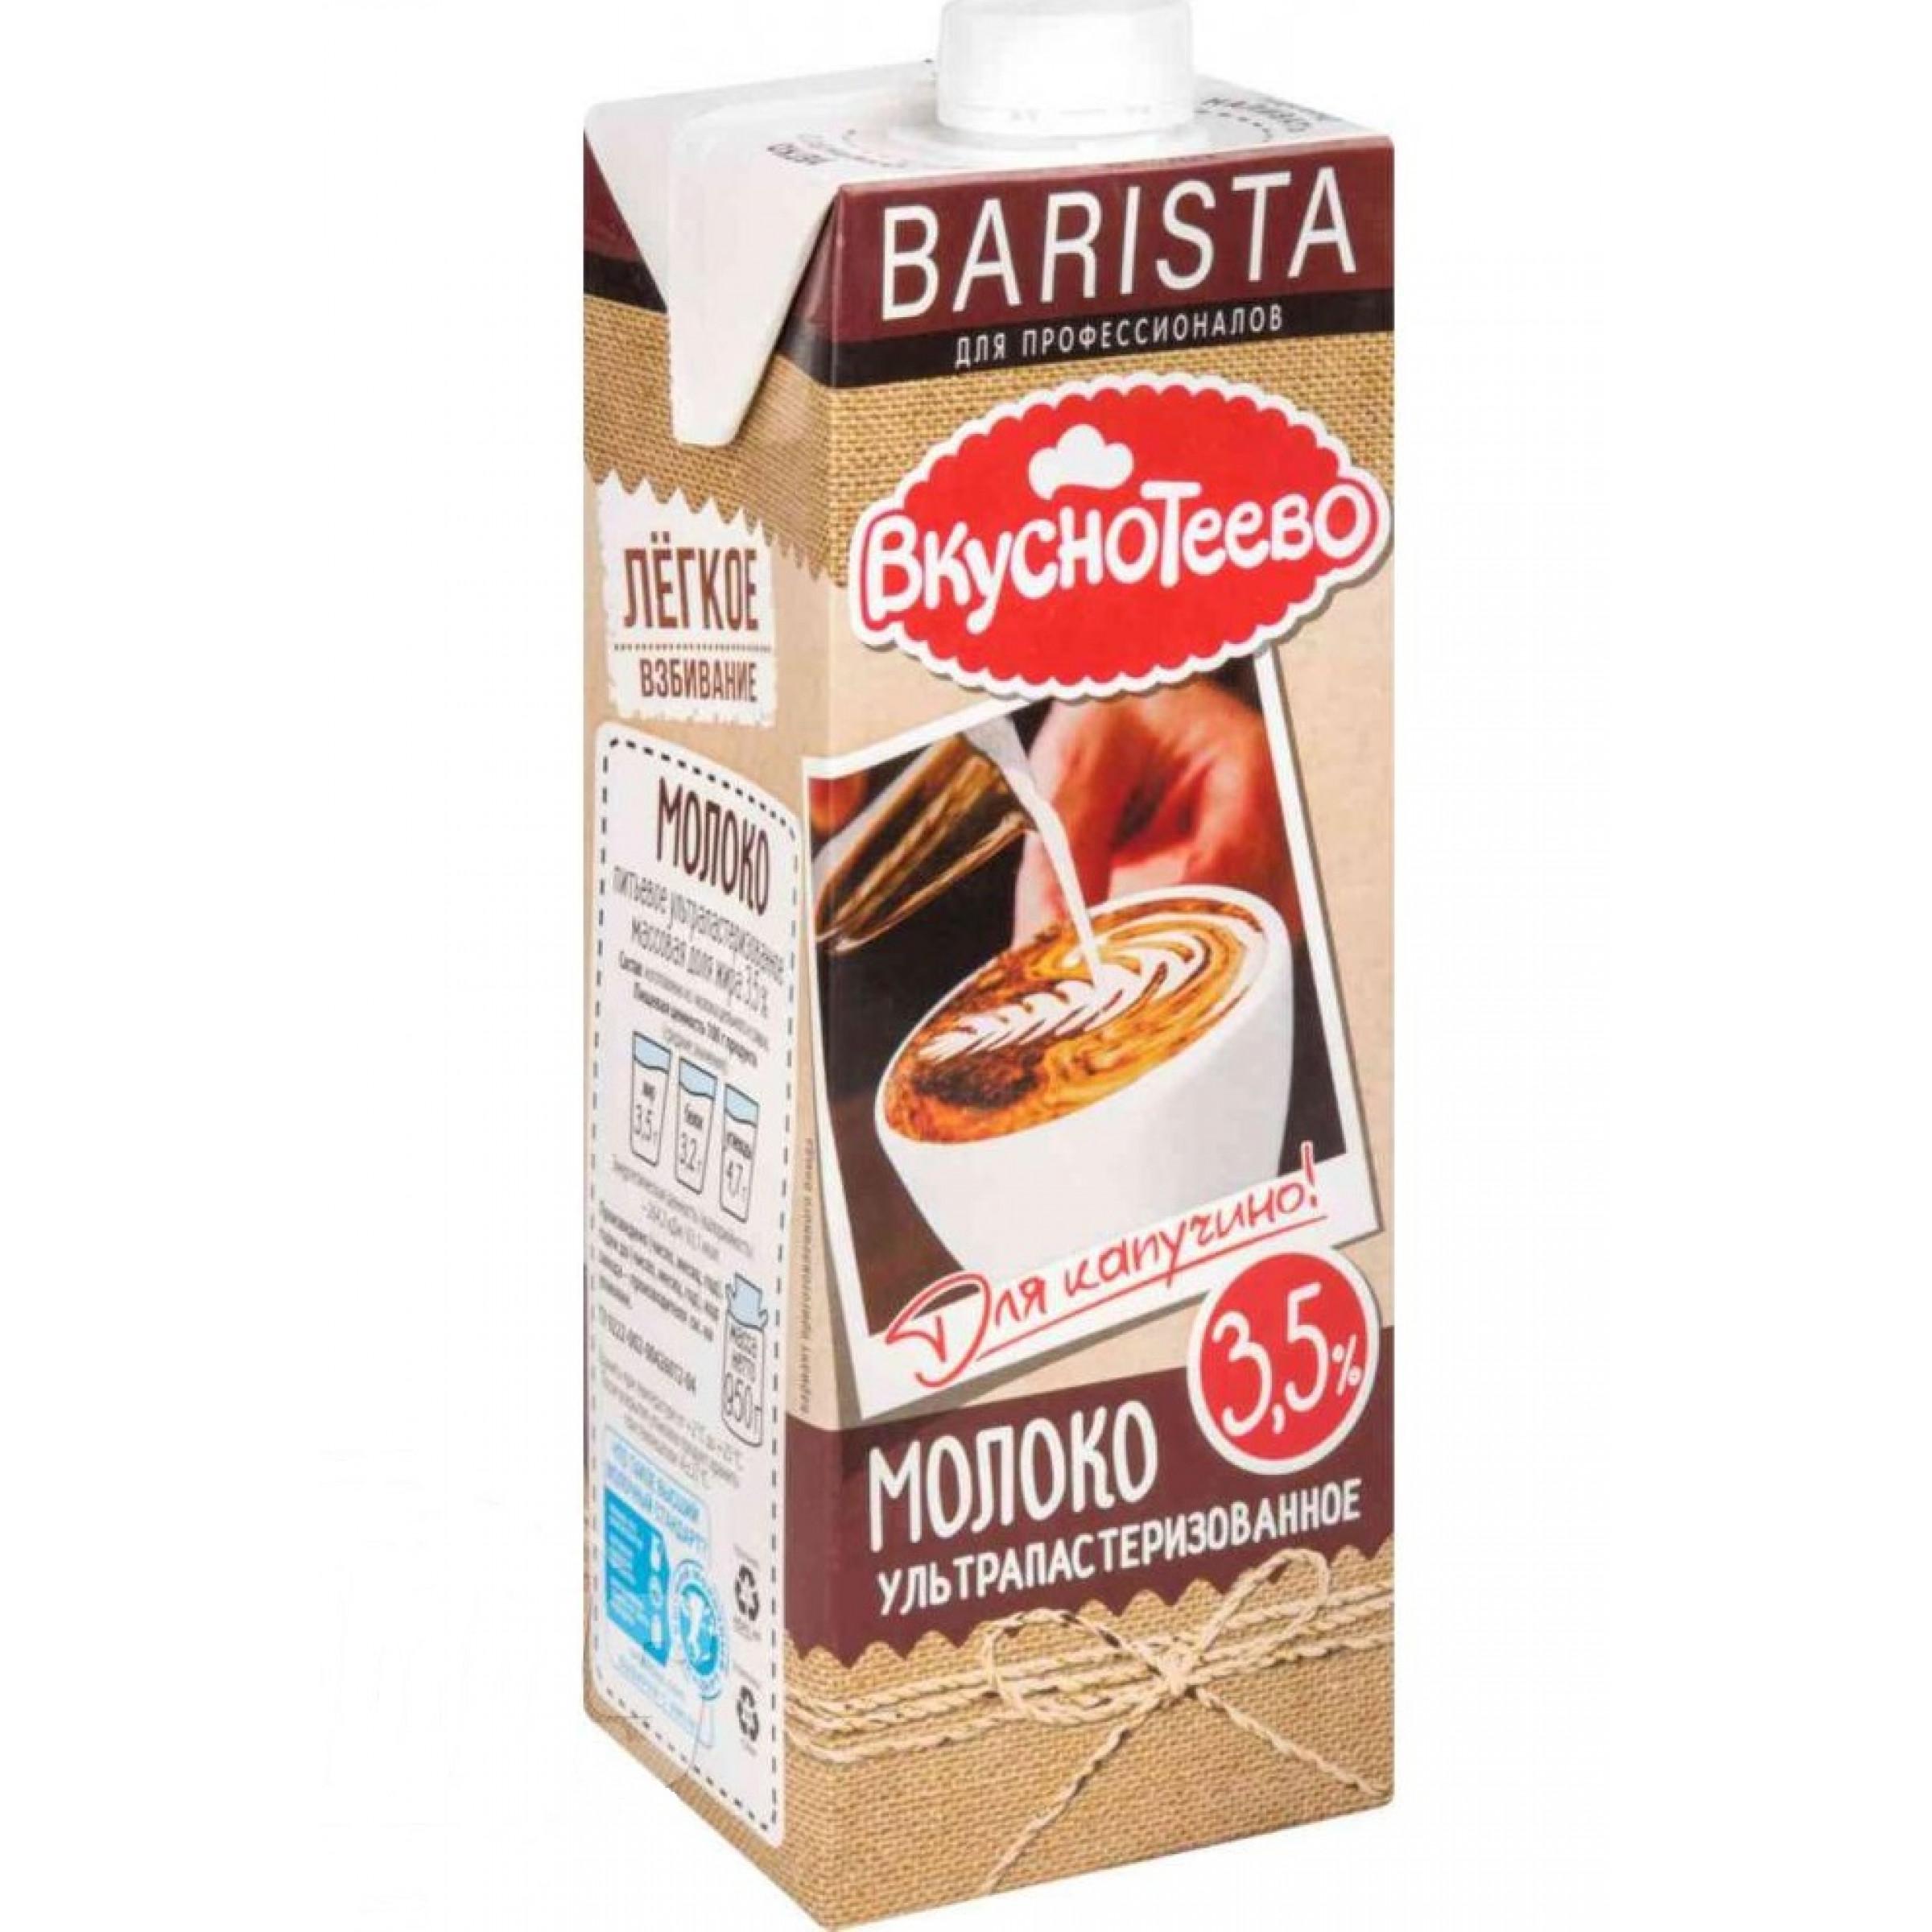 """Молоко ультрапастеризованное """"Вкуснотеево"""" 3,5% Barista, 950 г"""